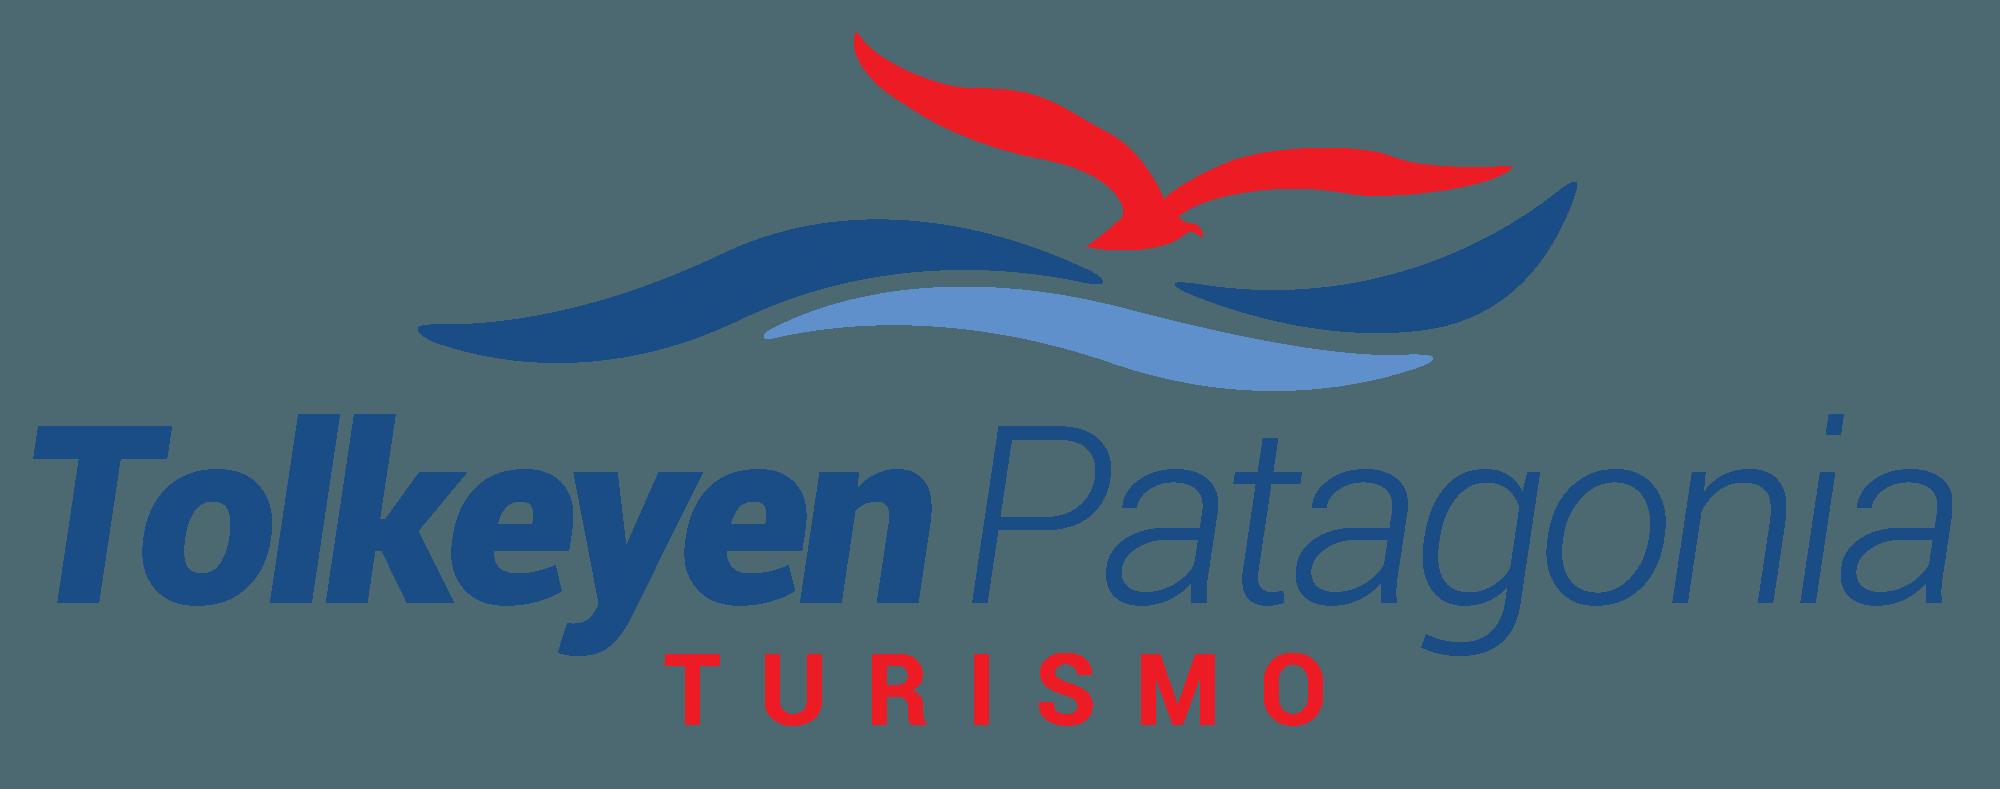 Tolkeyen Patagonia Turismo